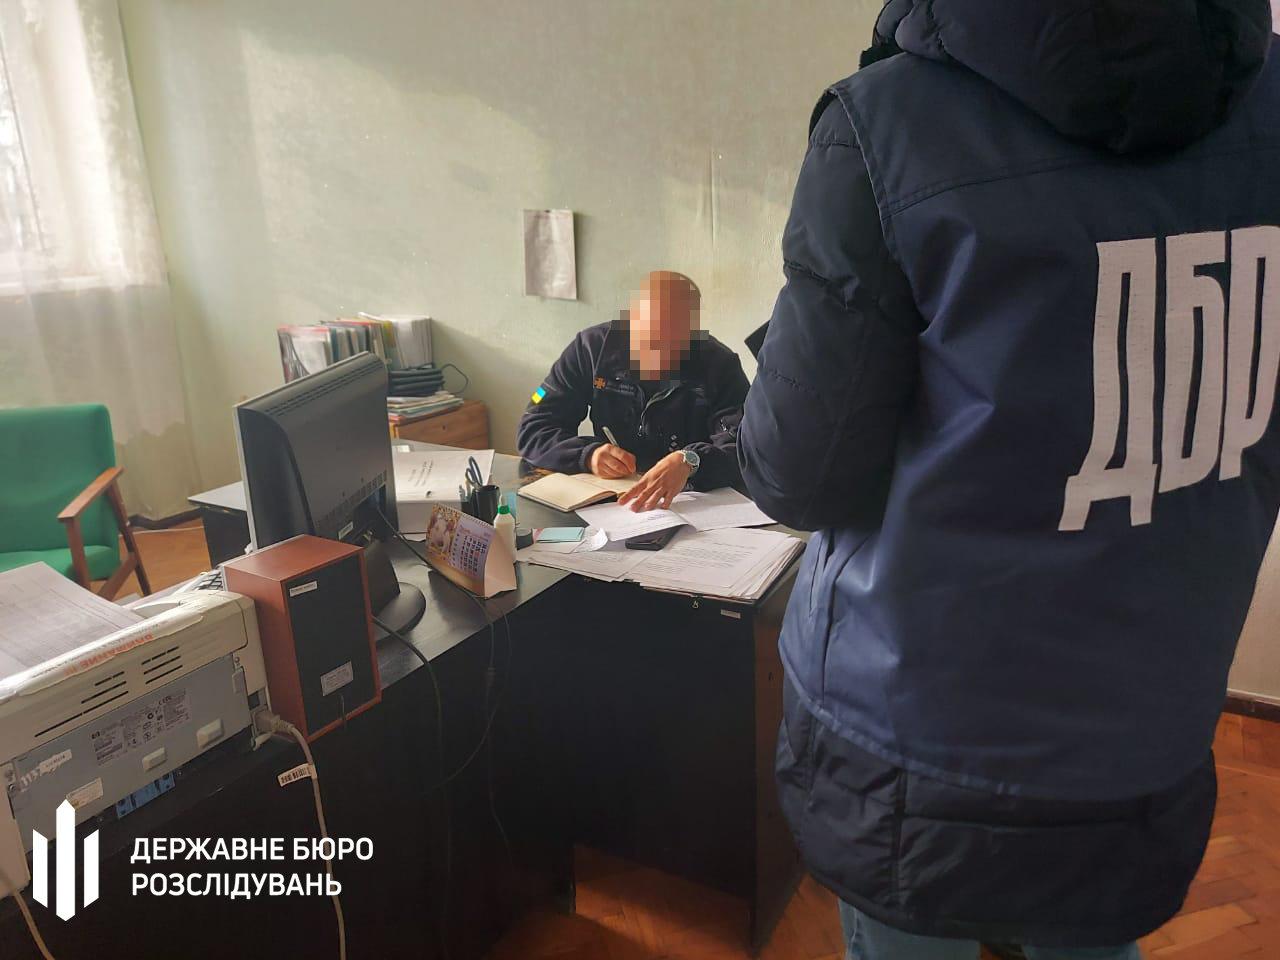 Пожары на Луганщине: руководство управления ГСЧС подозревают в воровстве горючего, фото-1